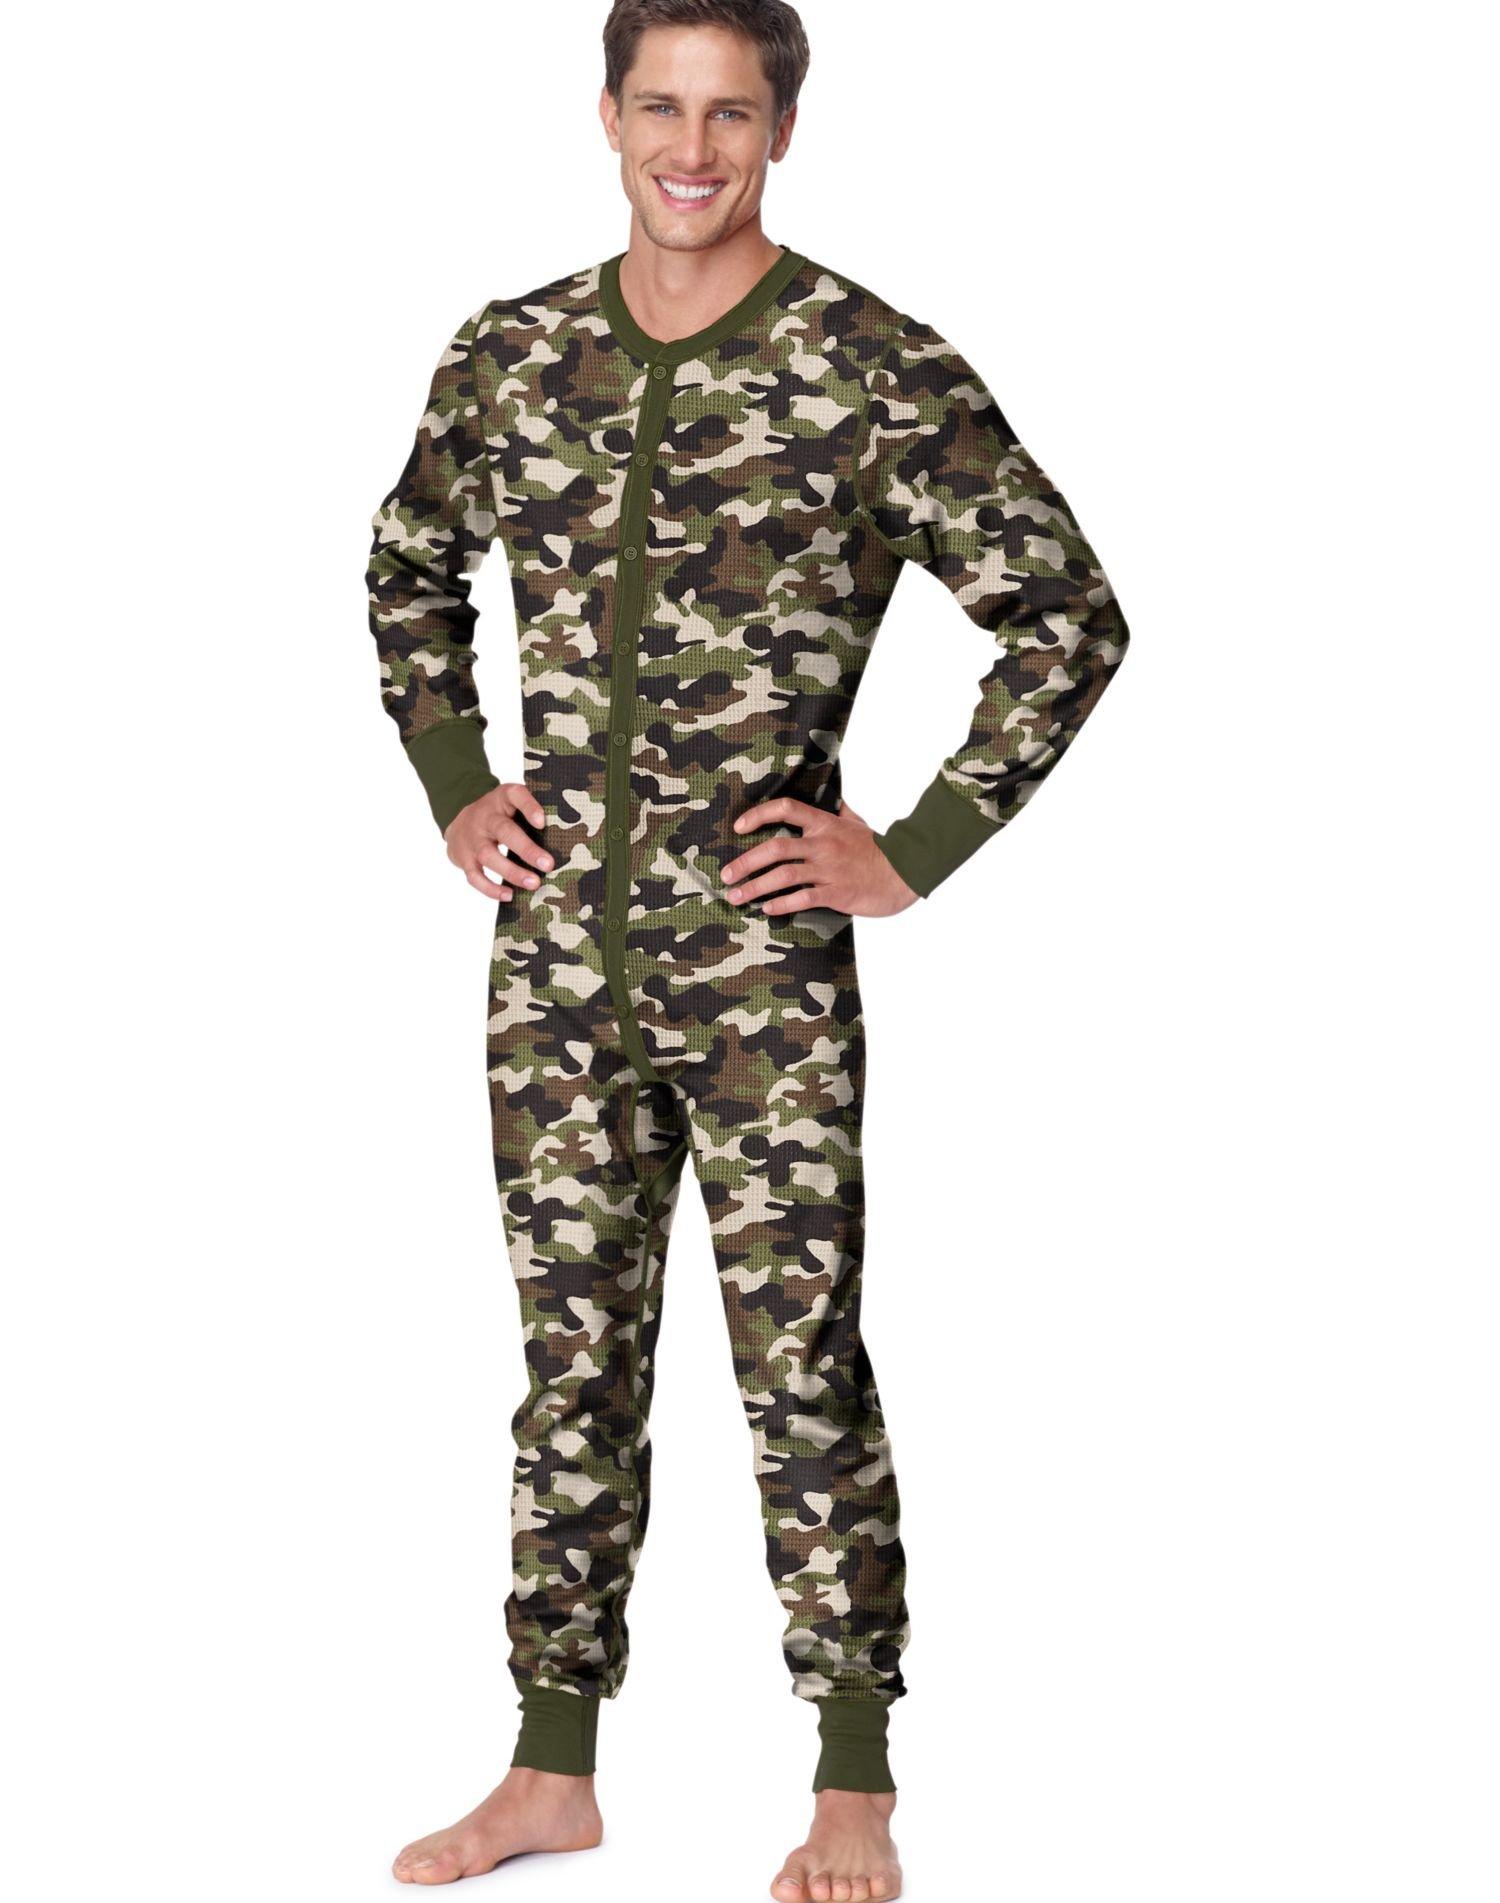 Hanes Men's X-Temp™ Camo Thermal Union Suit 3X-4X